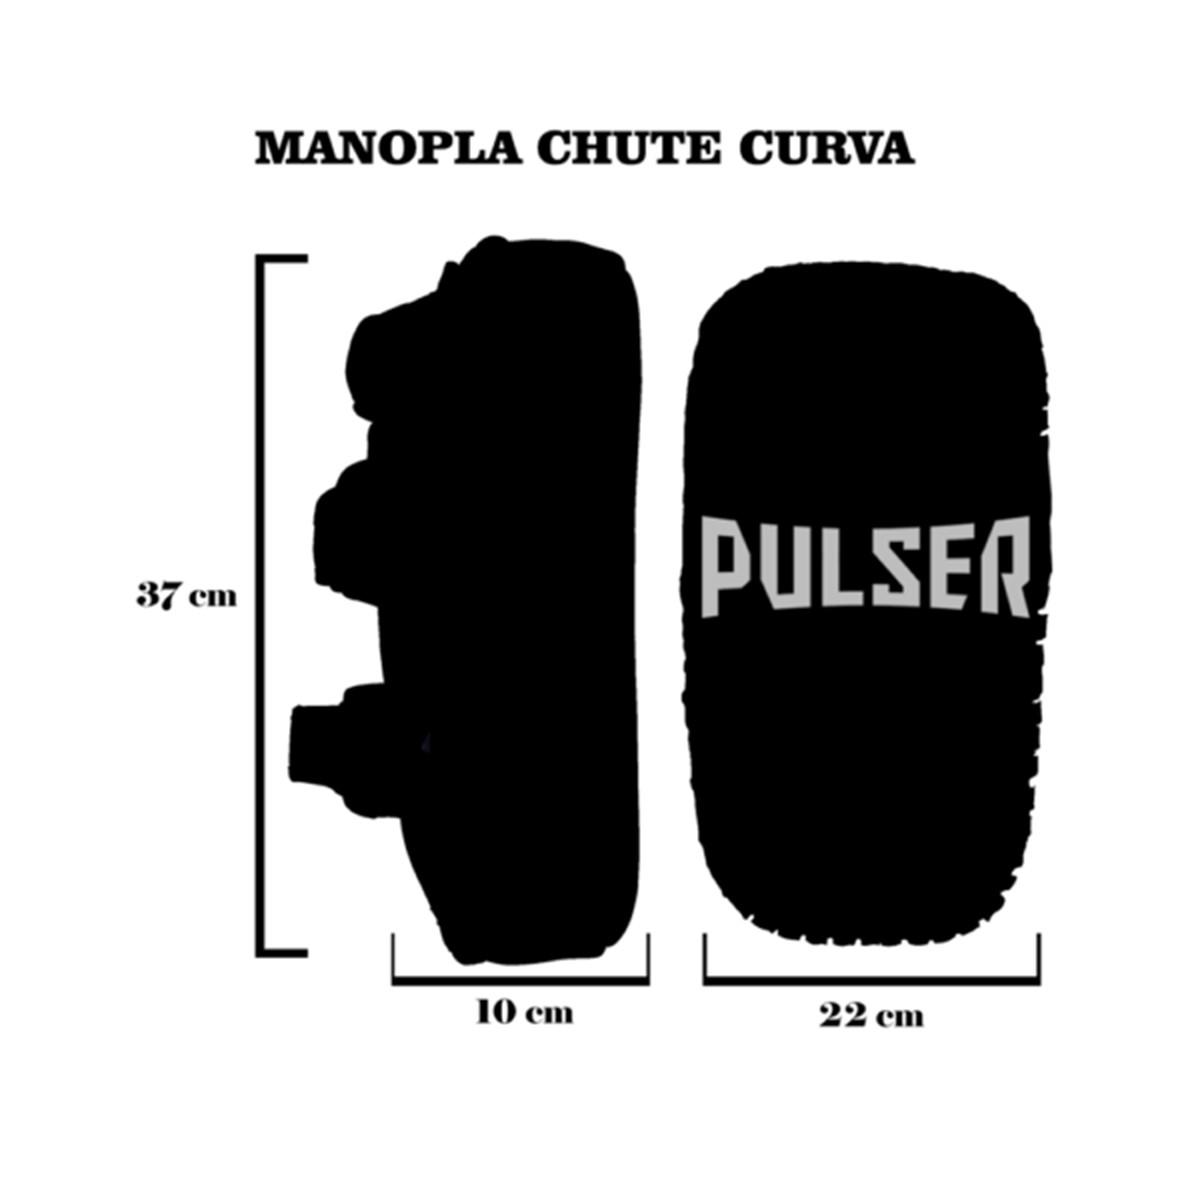 Par de Aparador de Chute Pao Thai Pad Curvo - Preto com Rosa Fluor - Pulser  - PRALUTA SHOP